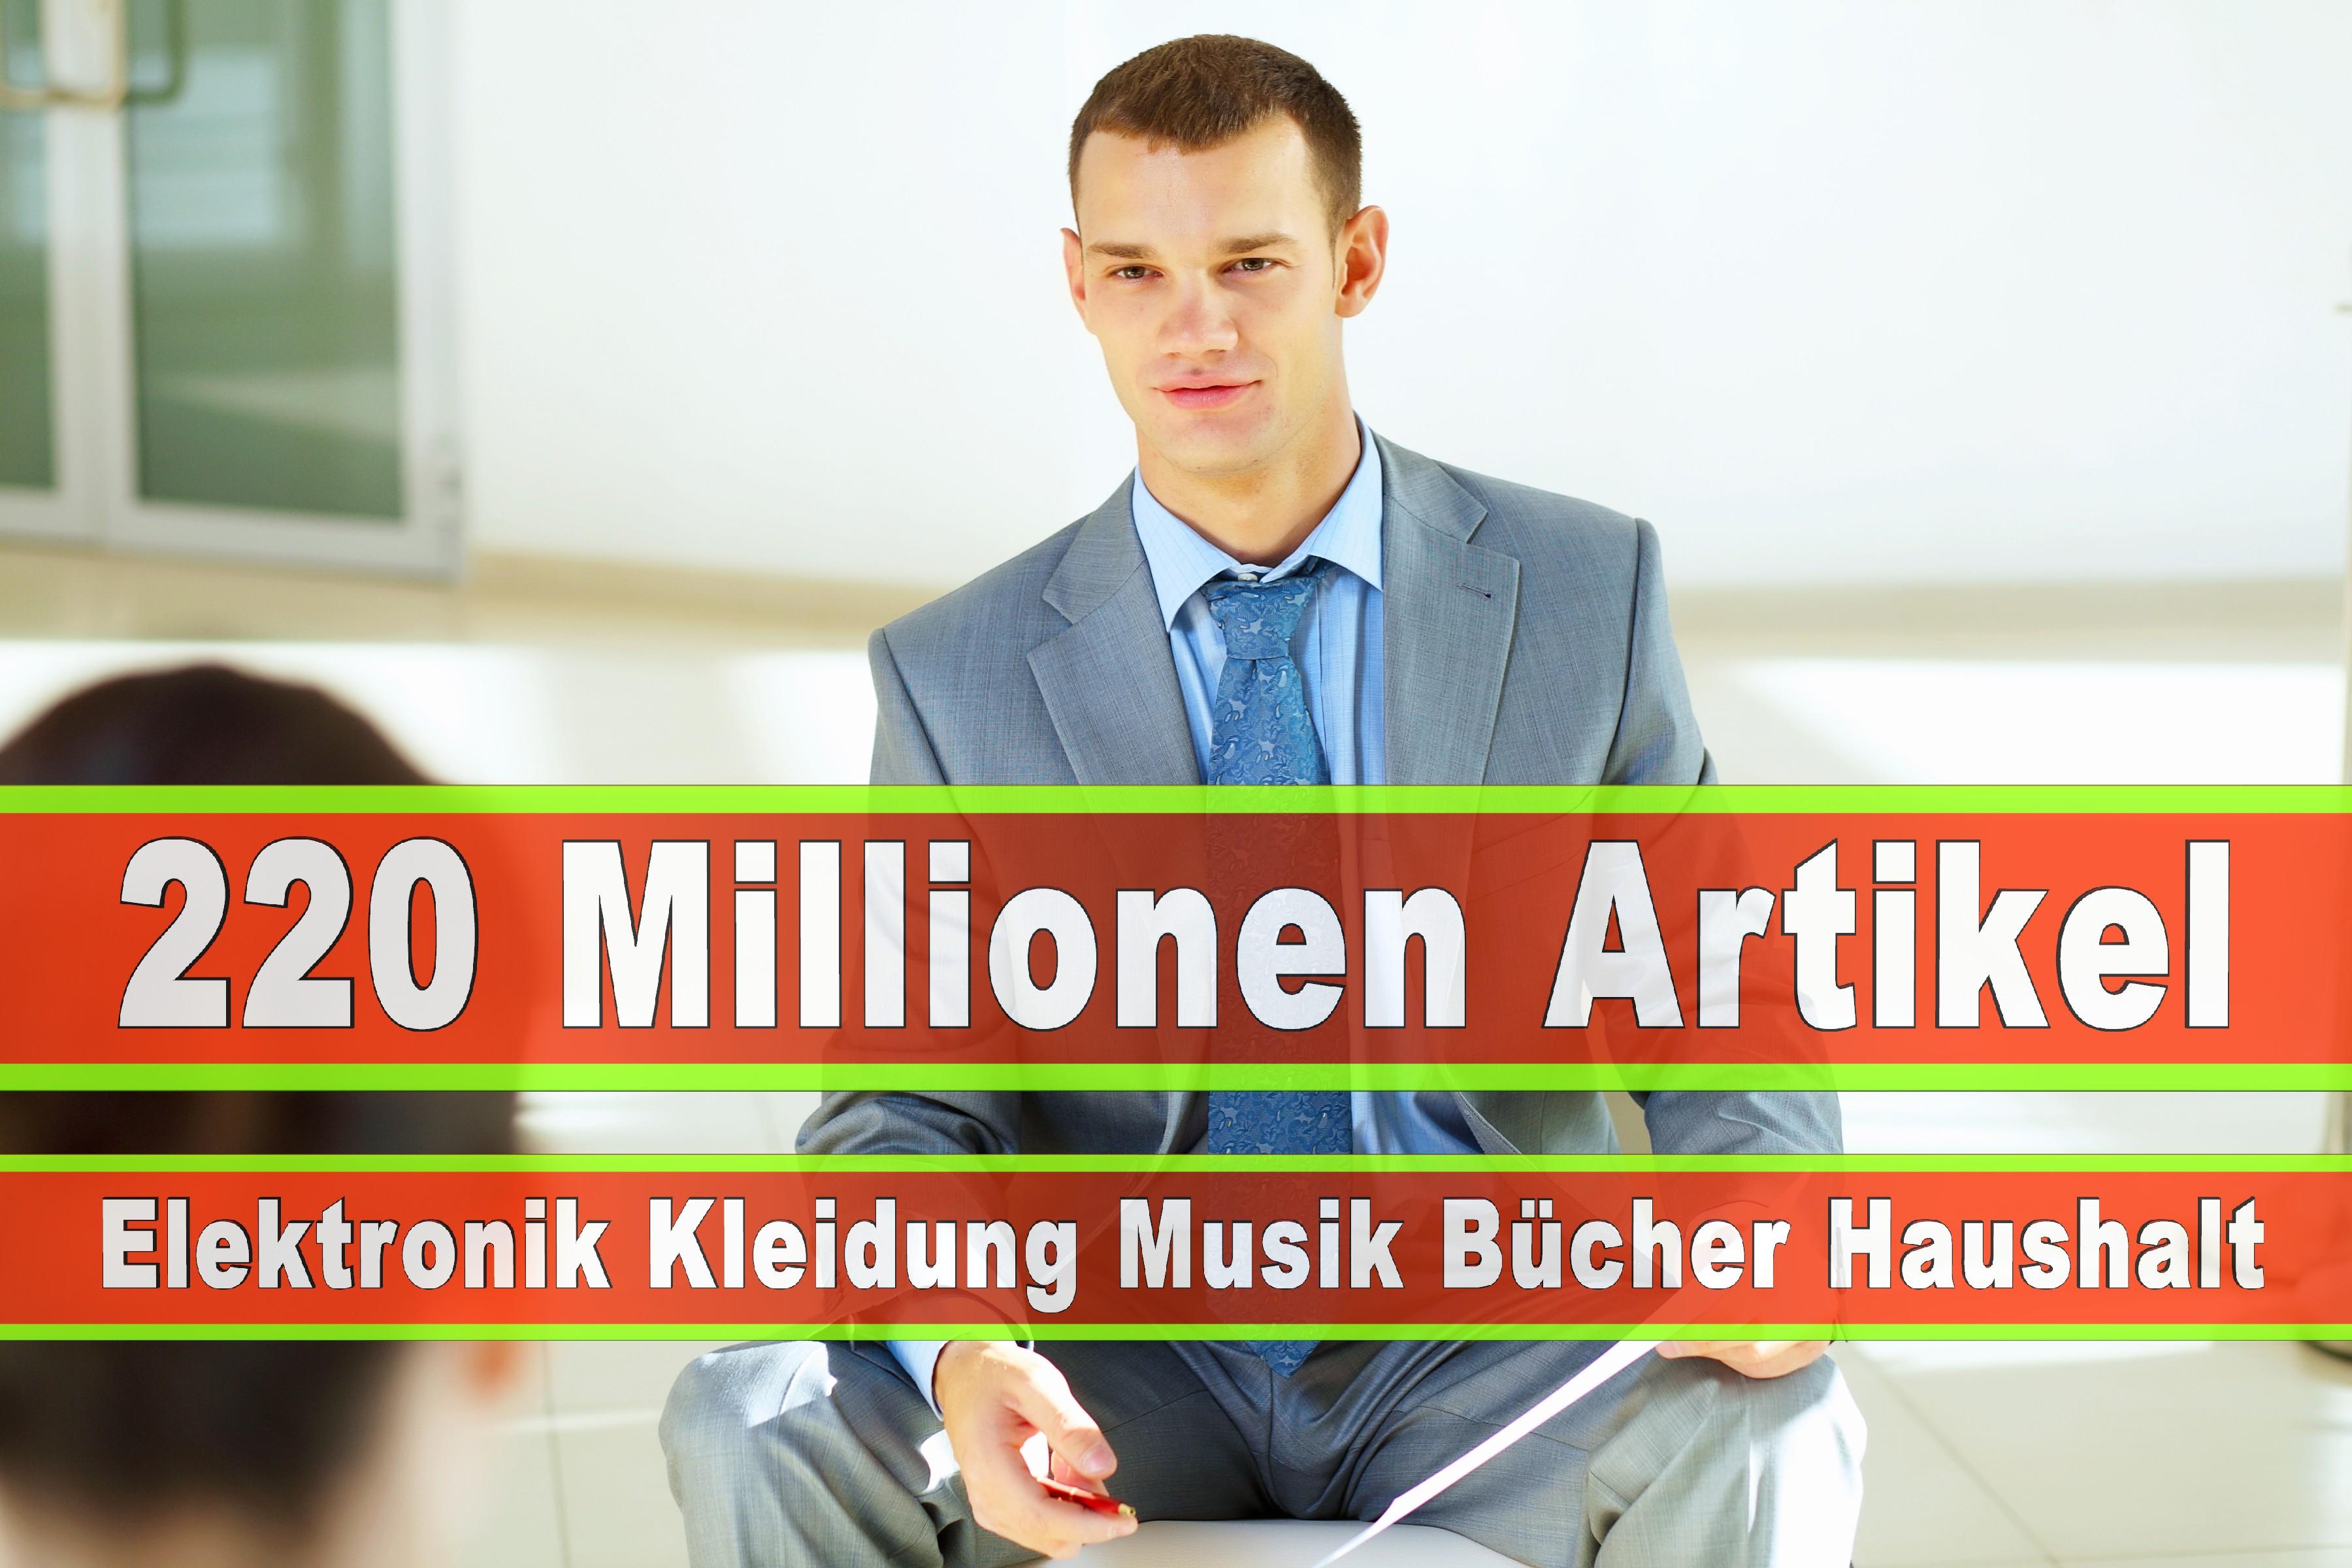 Amazon Elektronik Musik Haushalt Bücher CD DVD Handys Smartphones TV Television Fernseher Kleidung Mode Ebay Versandhaus (138)